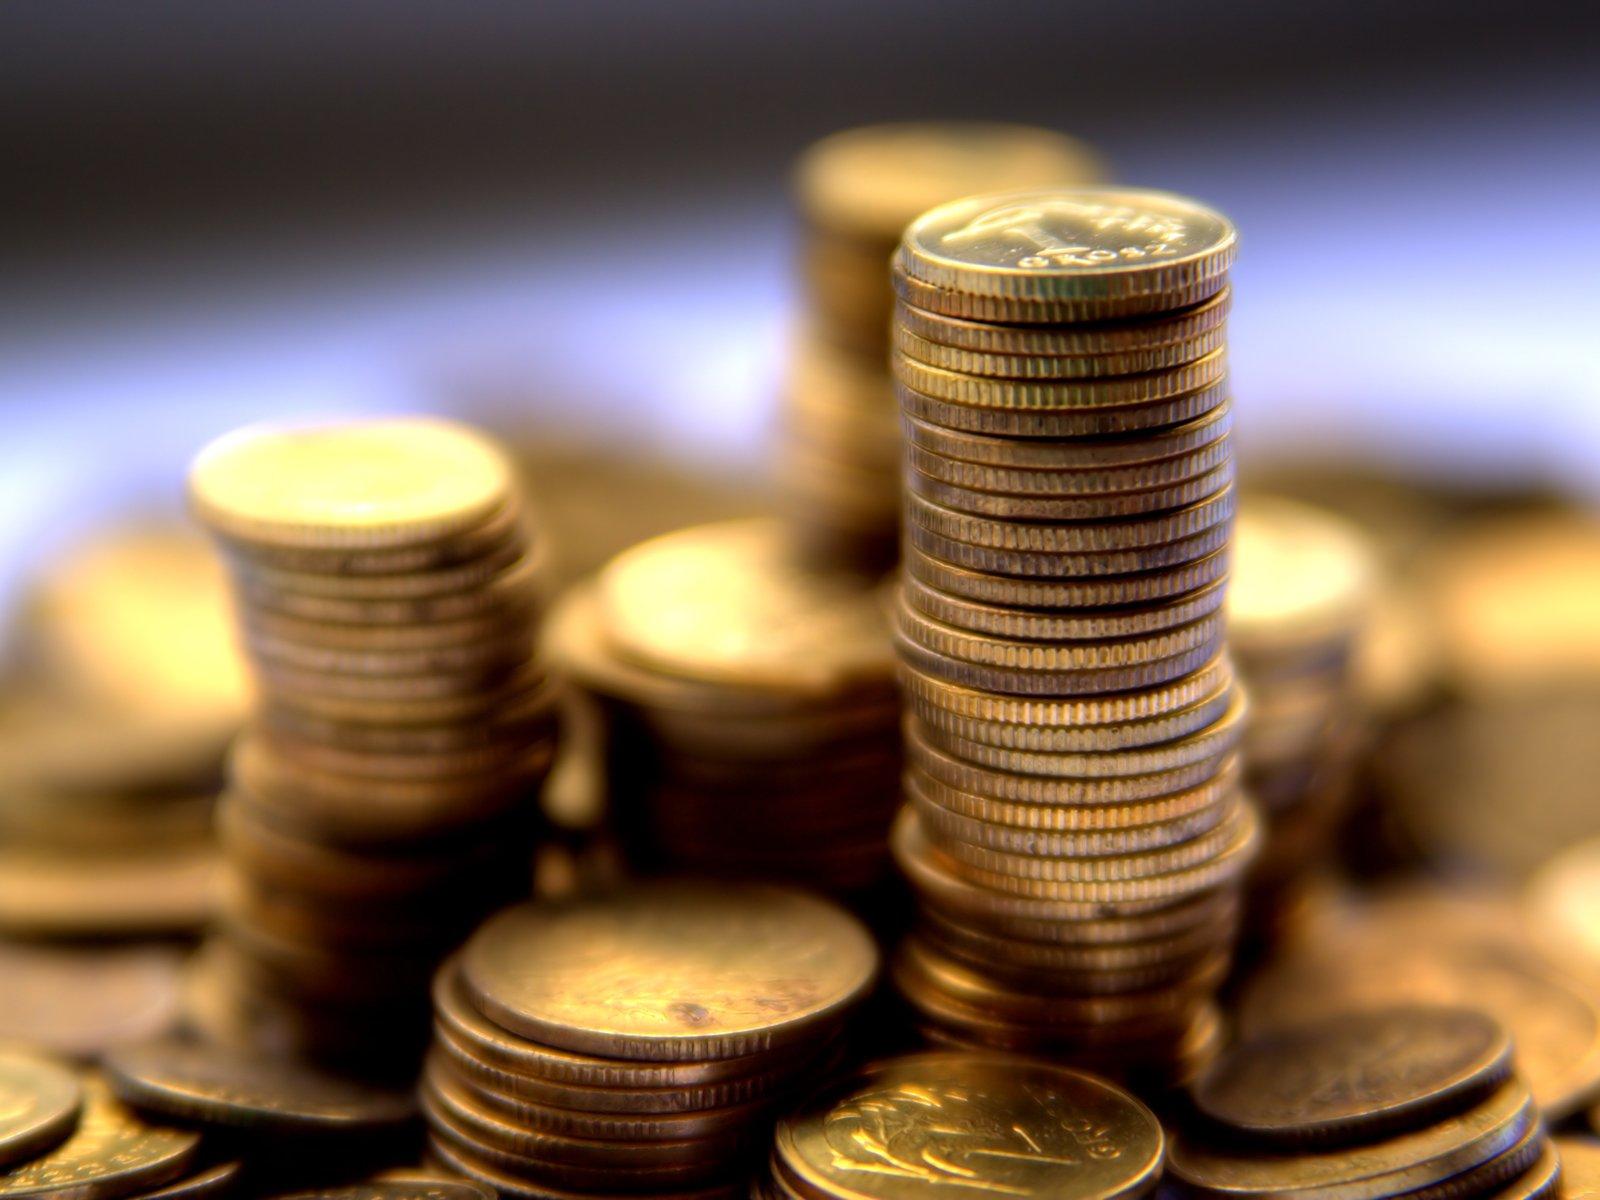 Руководство РФпредложило увеличить расходы наоборону до3 триллионов руб.